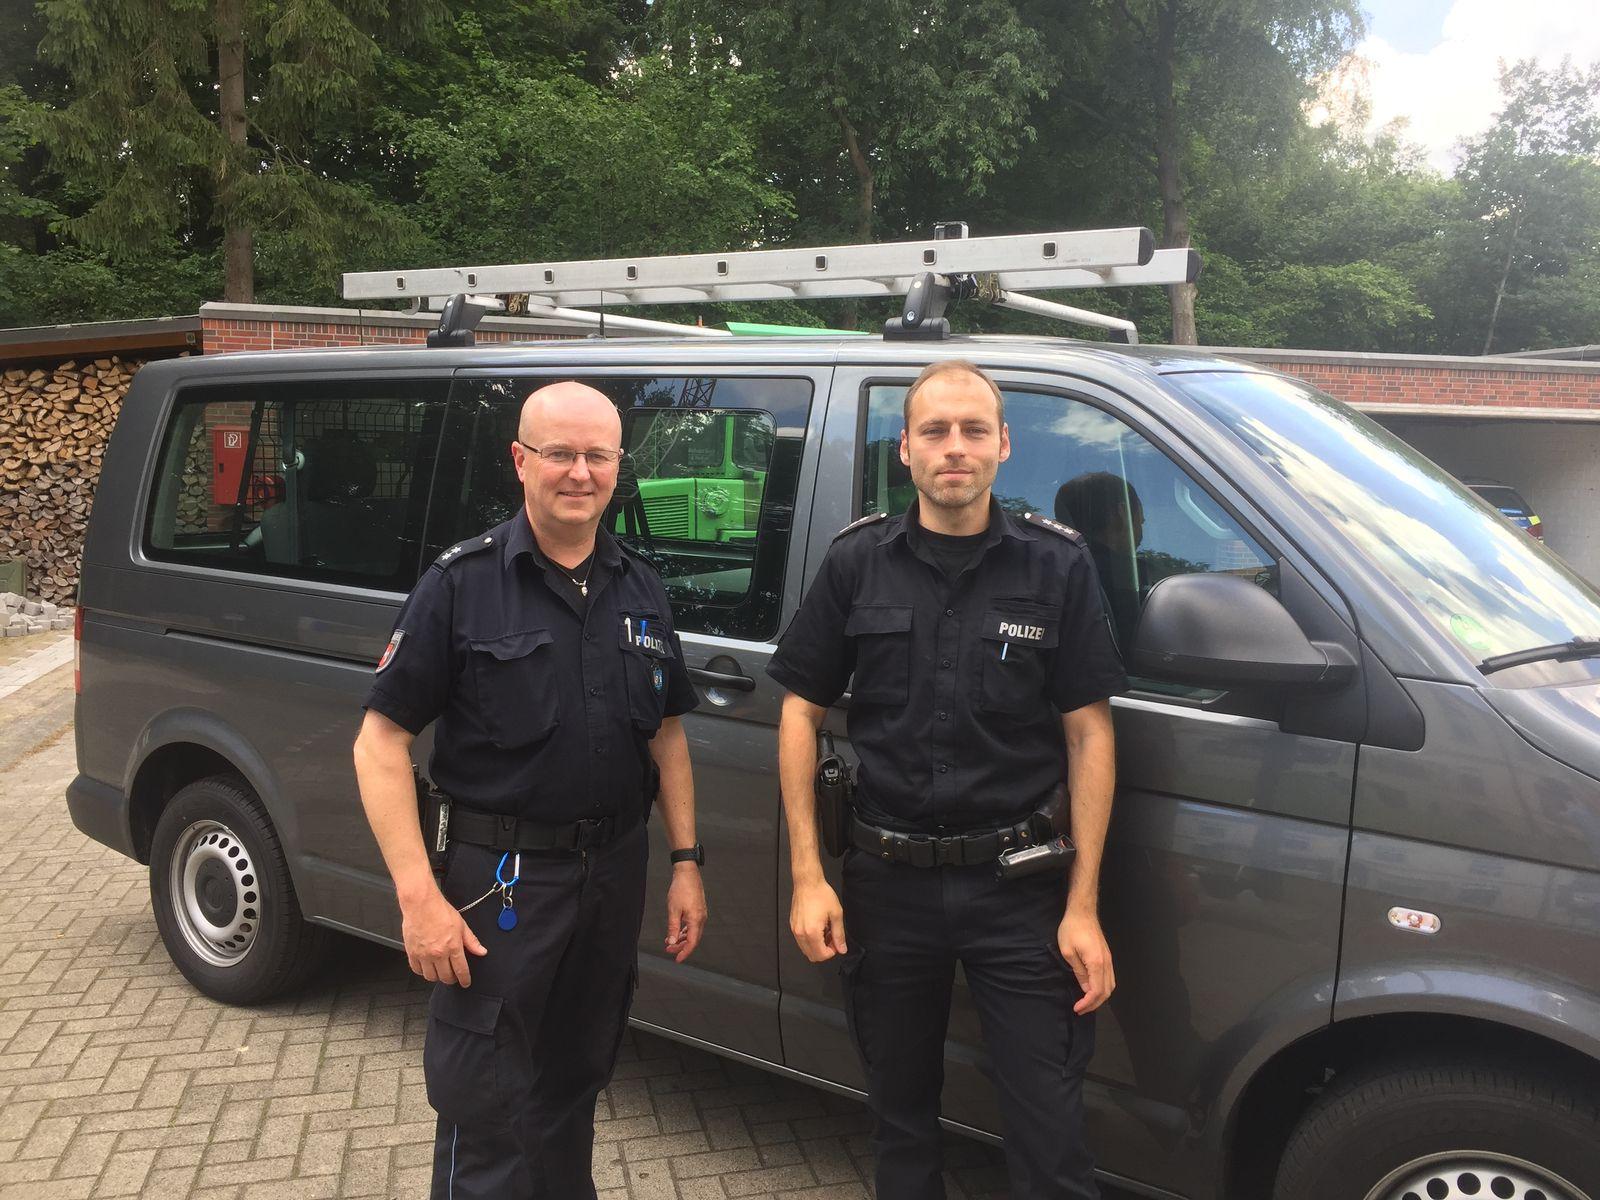 Oldenburg/ Polizeistreife/ abgelenkte LKW fahrer